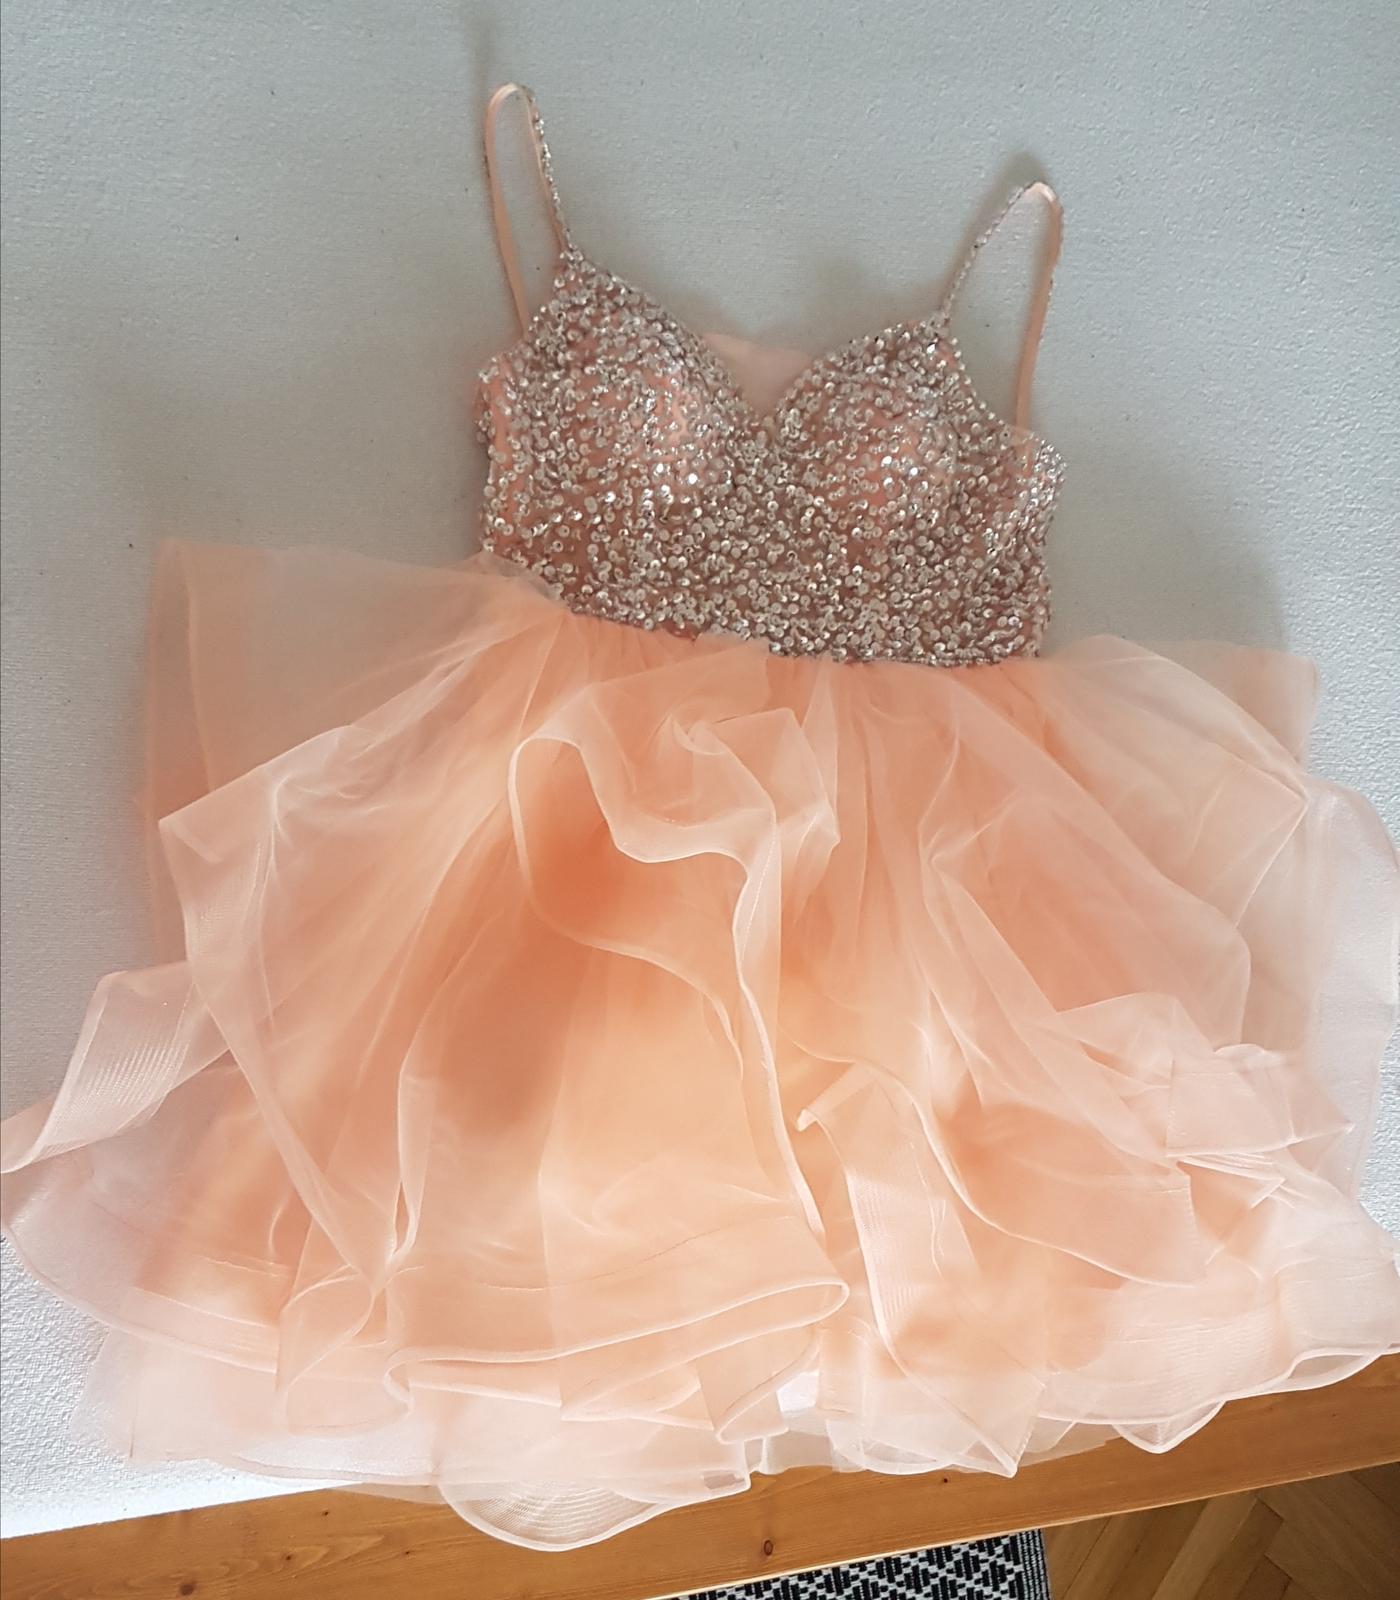 Marhuľové šaty 32-38 tylová sukňa strieborný top - Obrázok č. 1